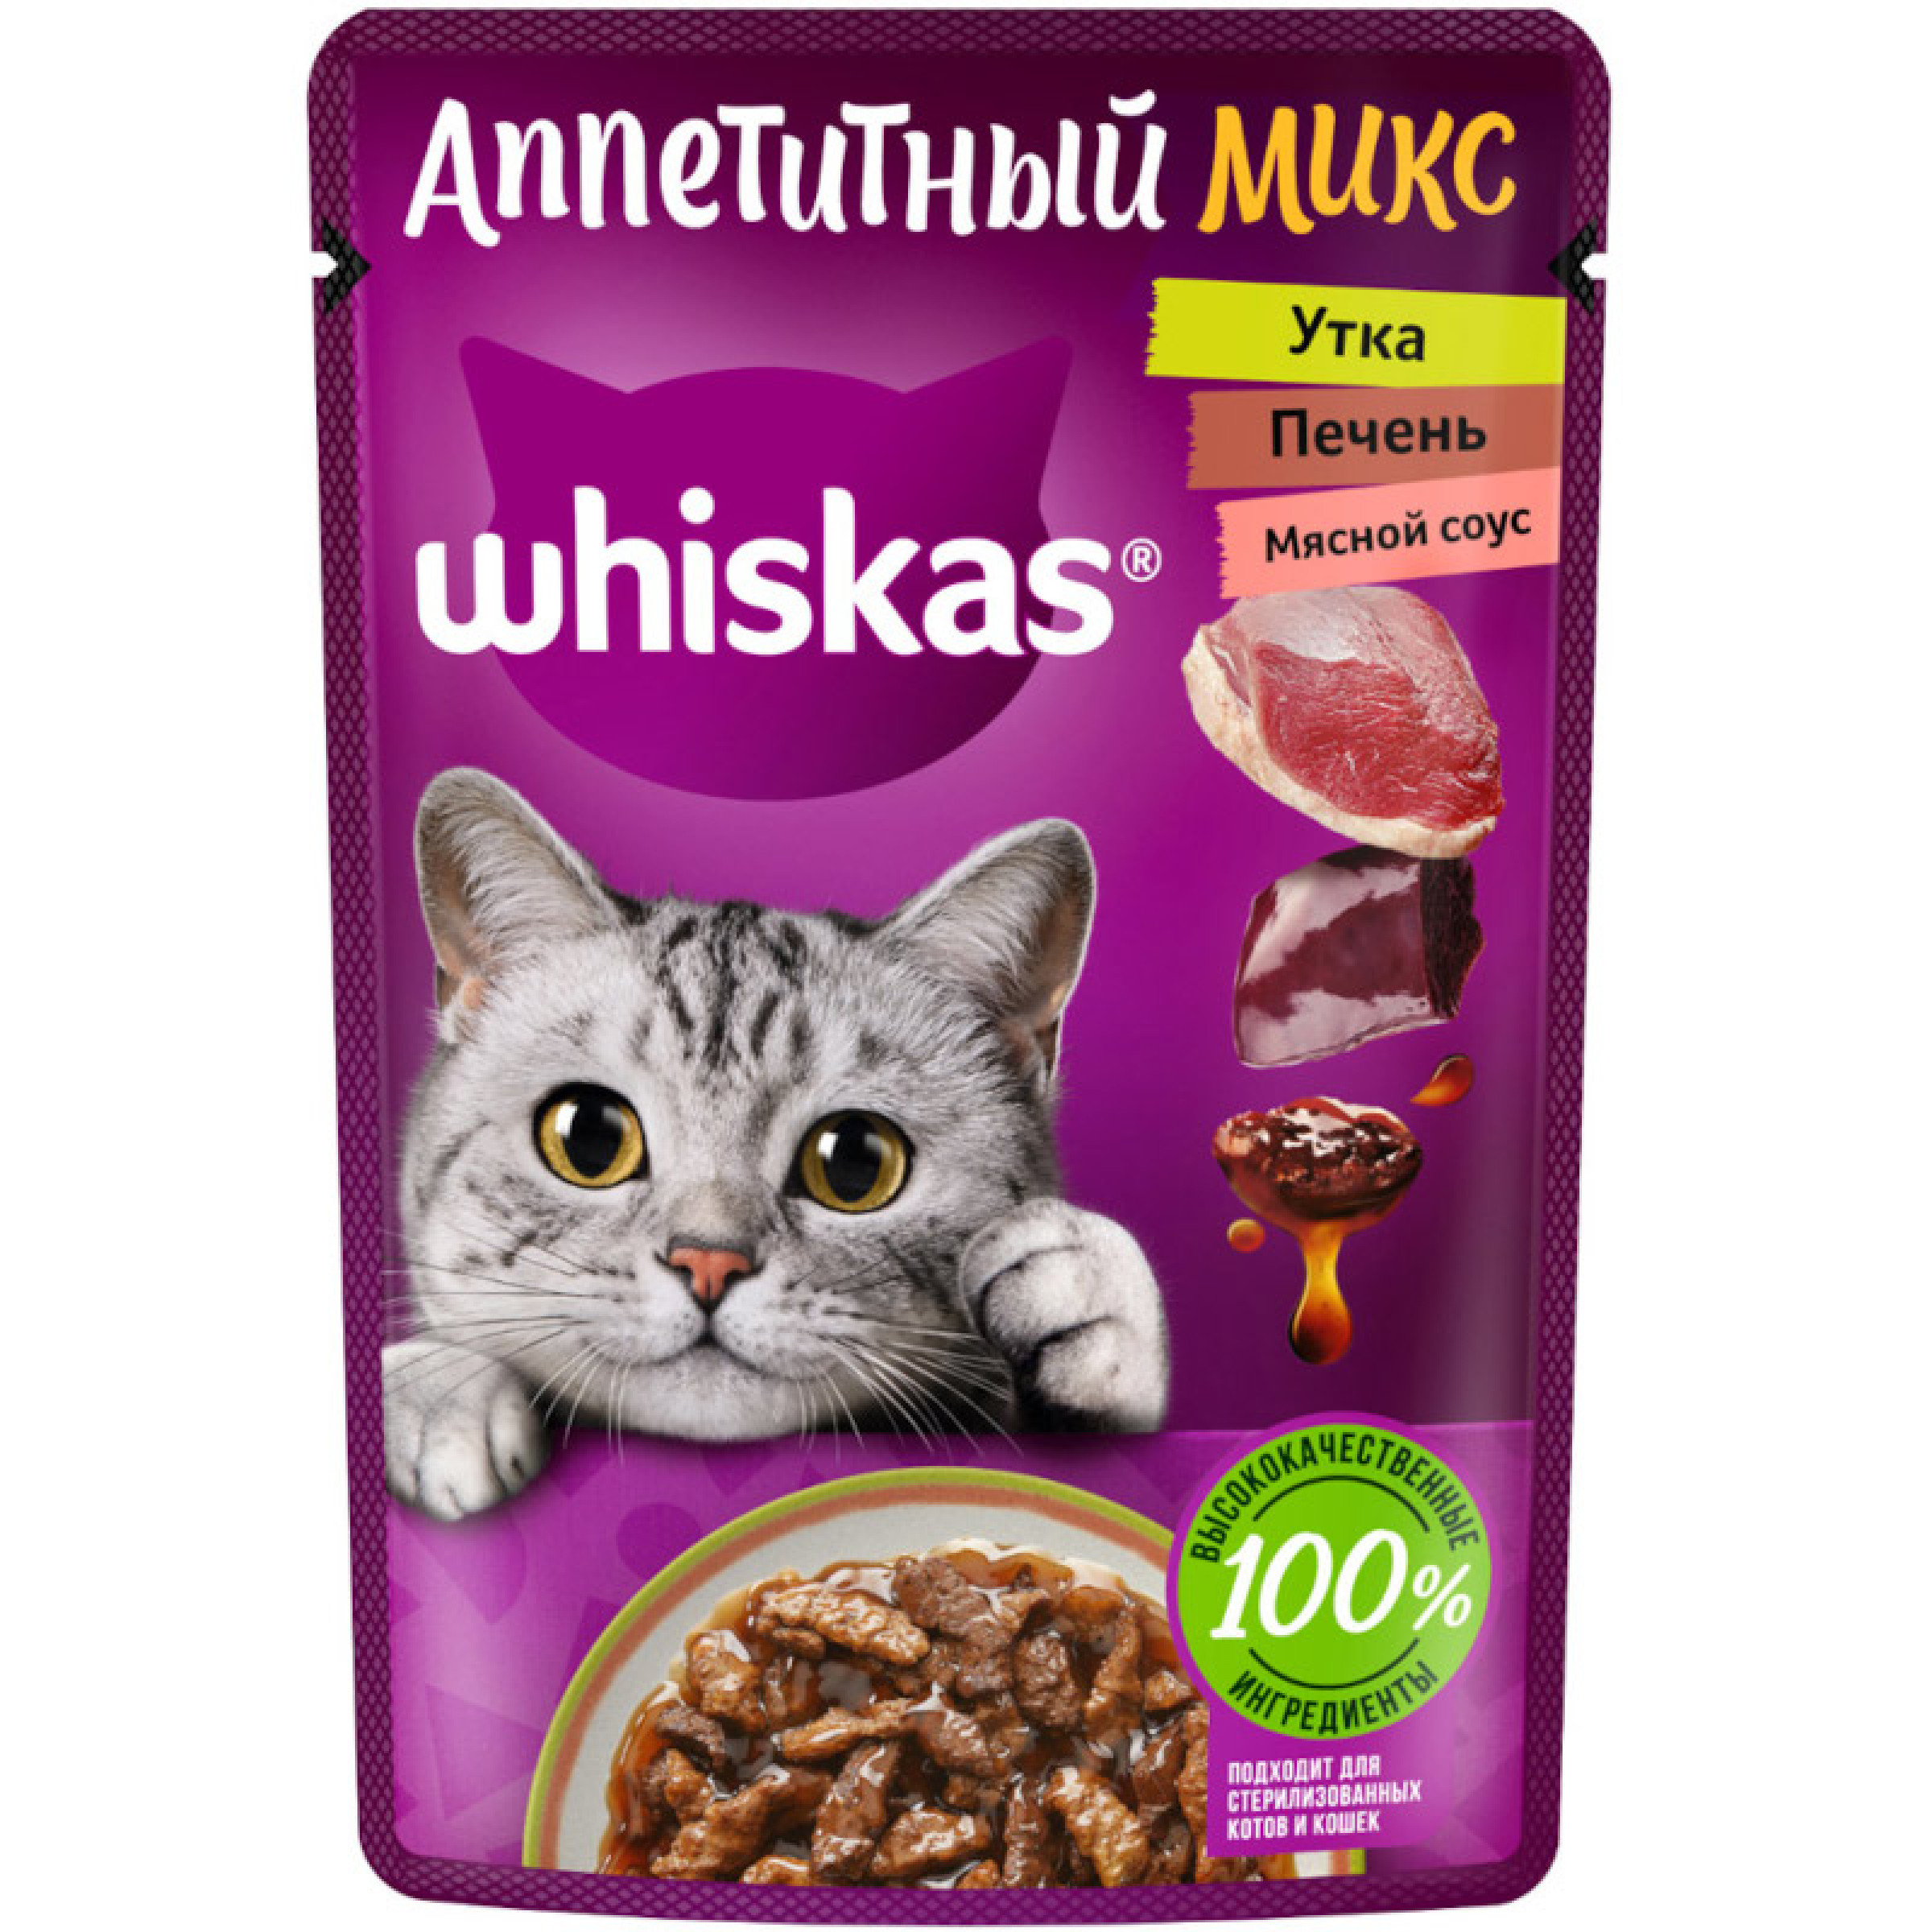 Влажный корм для кошек Whiskas рагу с уткой и печенью, 75 г